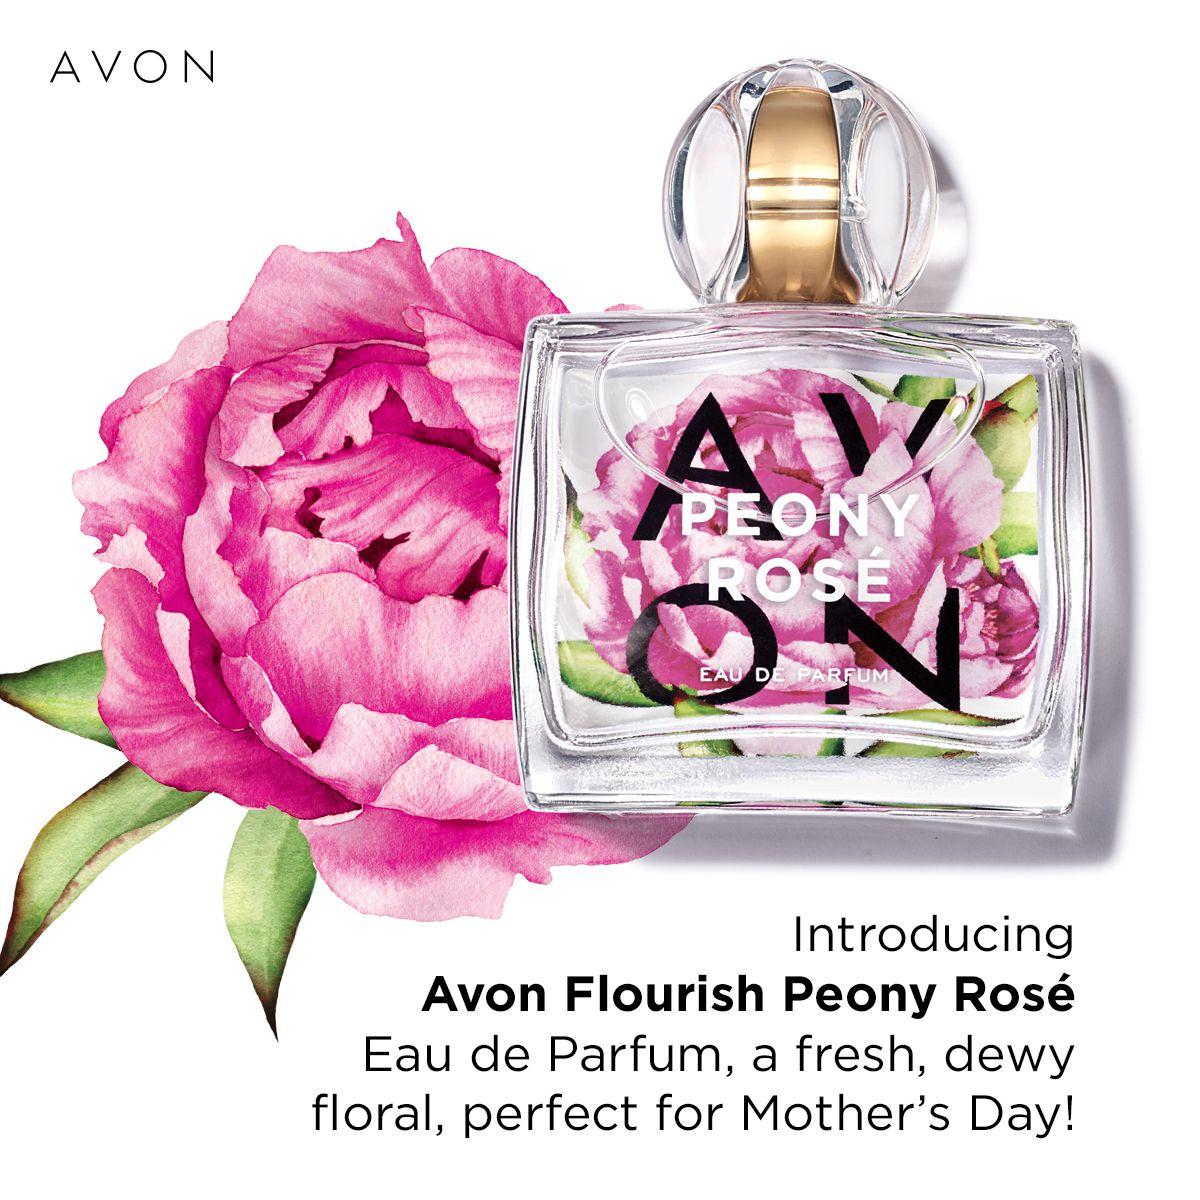 Flourish Peony Rosé Eau de Parfum in 2020 Avon fragrance